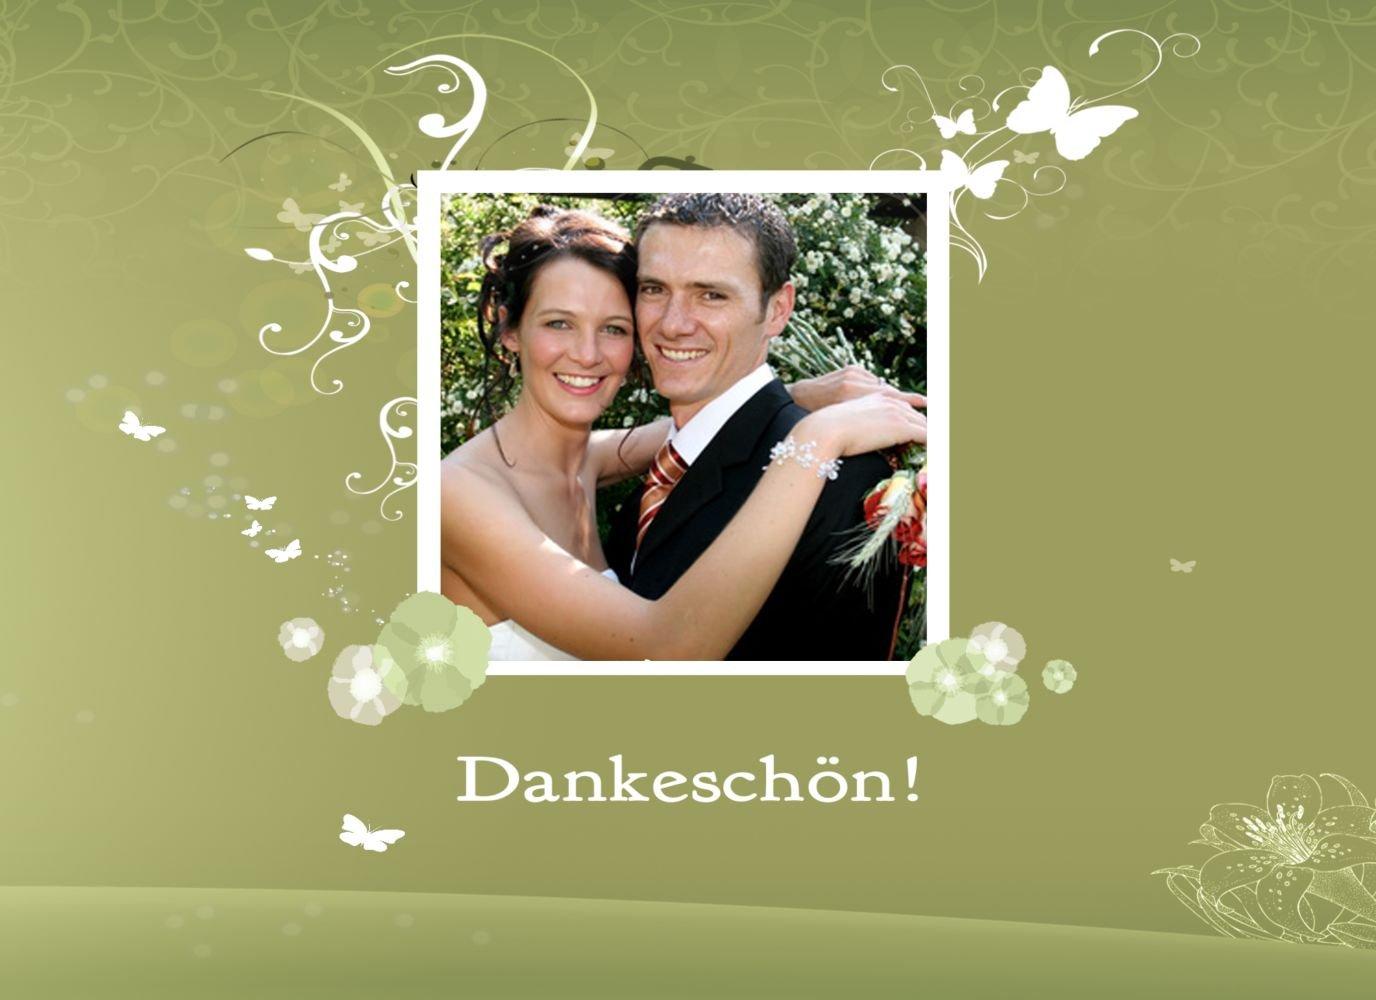 Kartenparadies Danksagung für Hochzeitsgeschenke Hochzeit Danke Danke Danke Dream, hochwertige Danksagungskarte Hochzeitsglückwünsche inklusive Umschläge   10 Karten - (Format  148x105 mm) Farbe  HellRosa B01MYARYP3   Komfort    Hohe Sicherheit  74ec1d